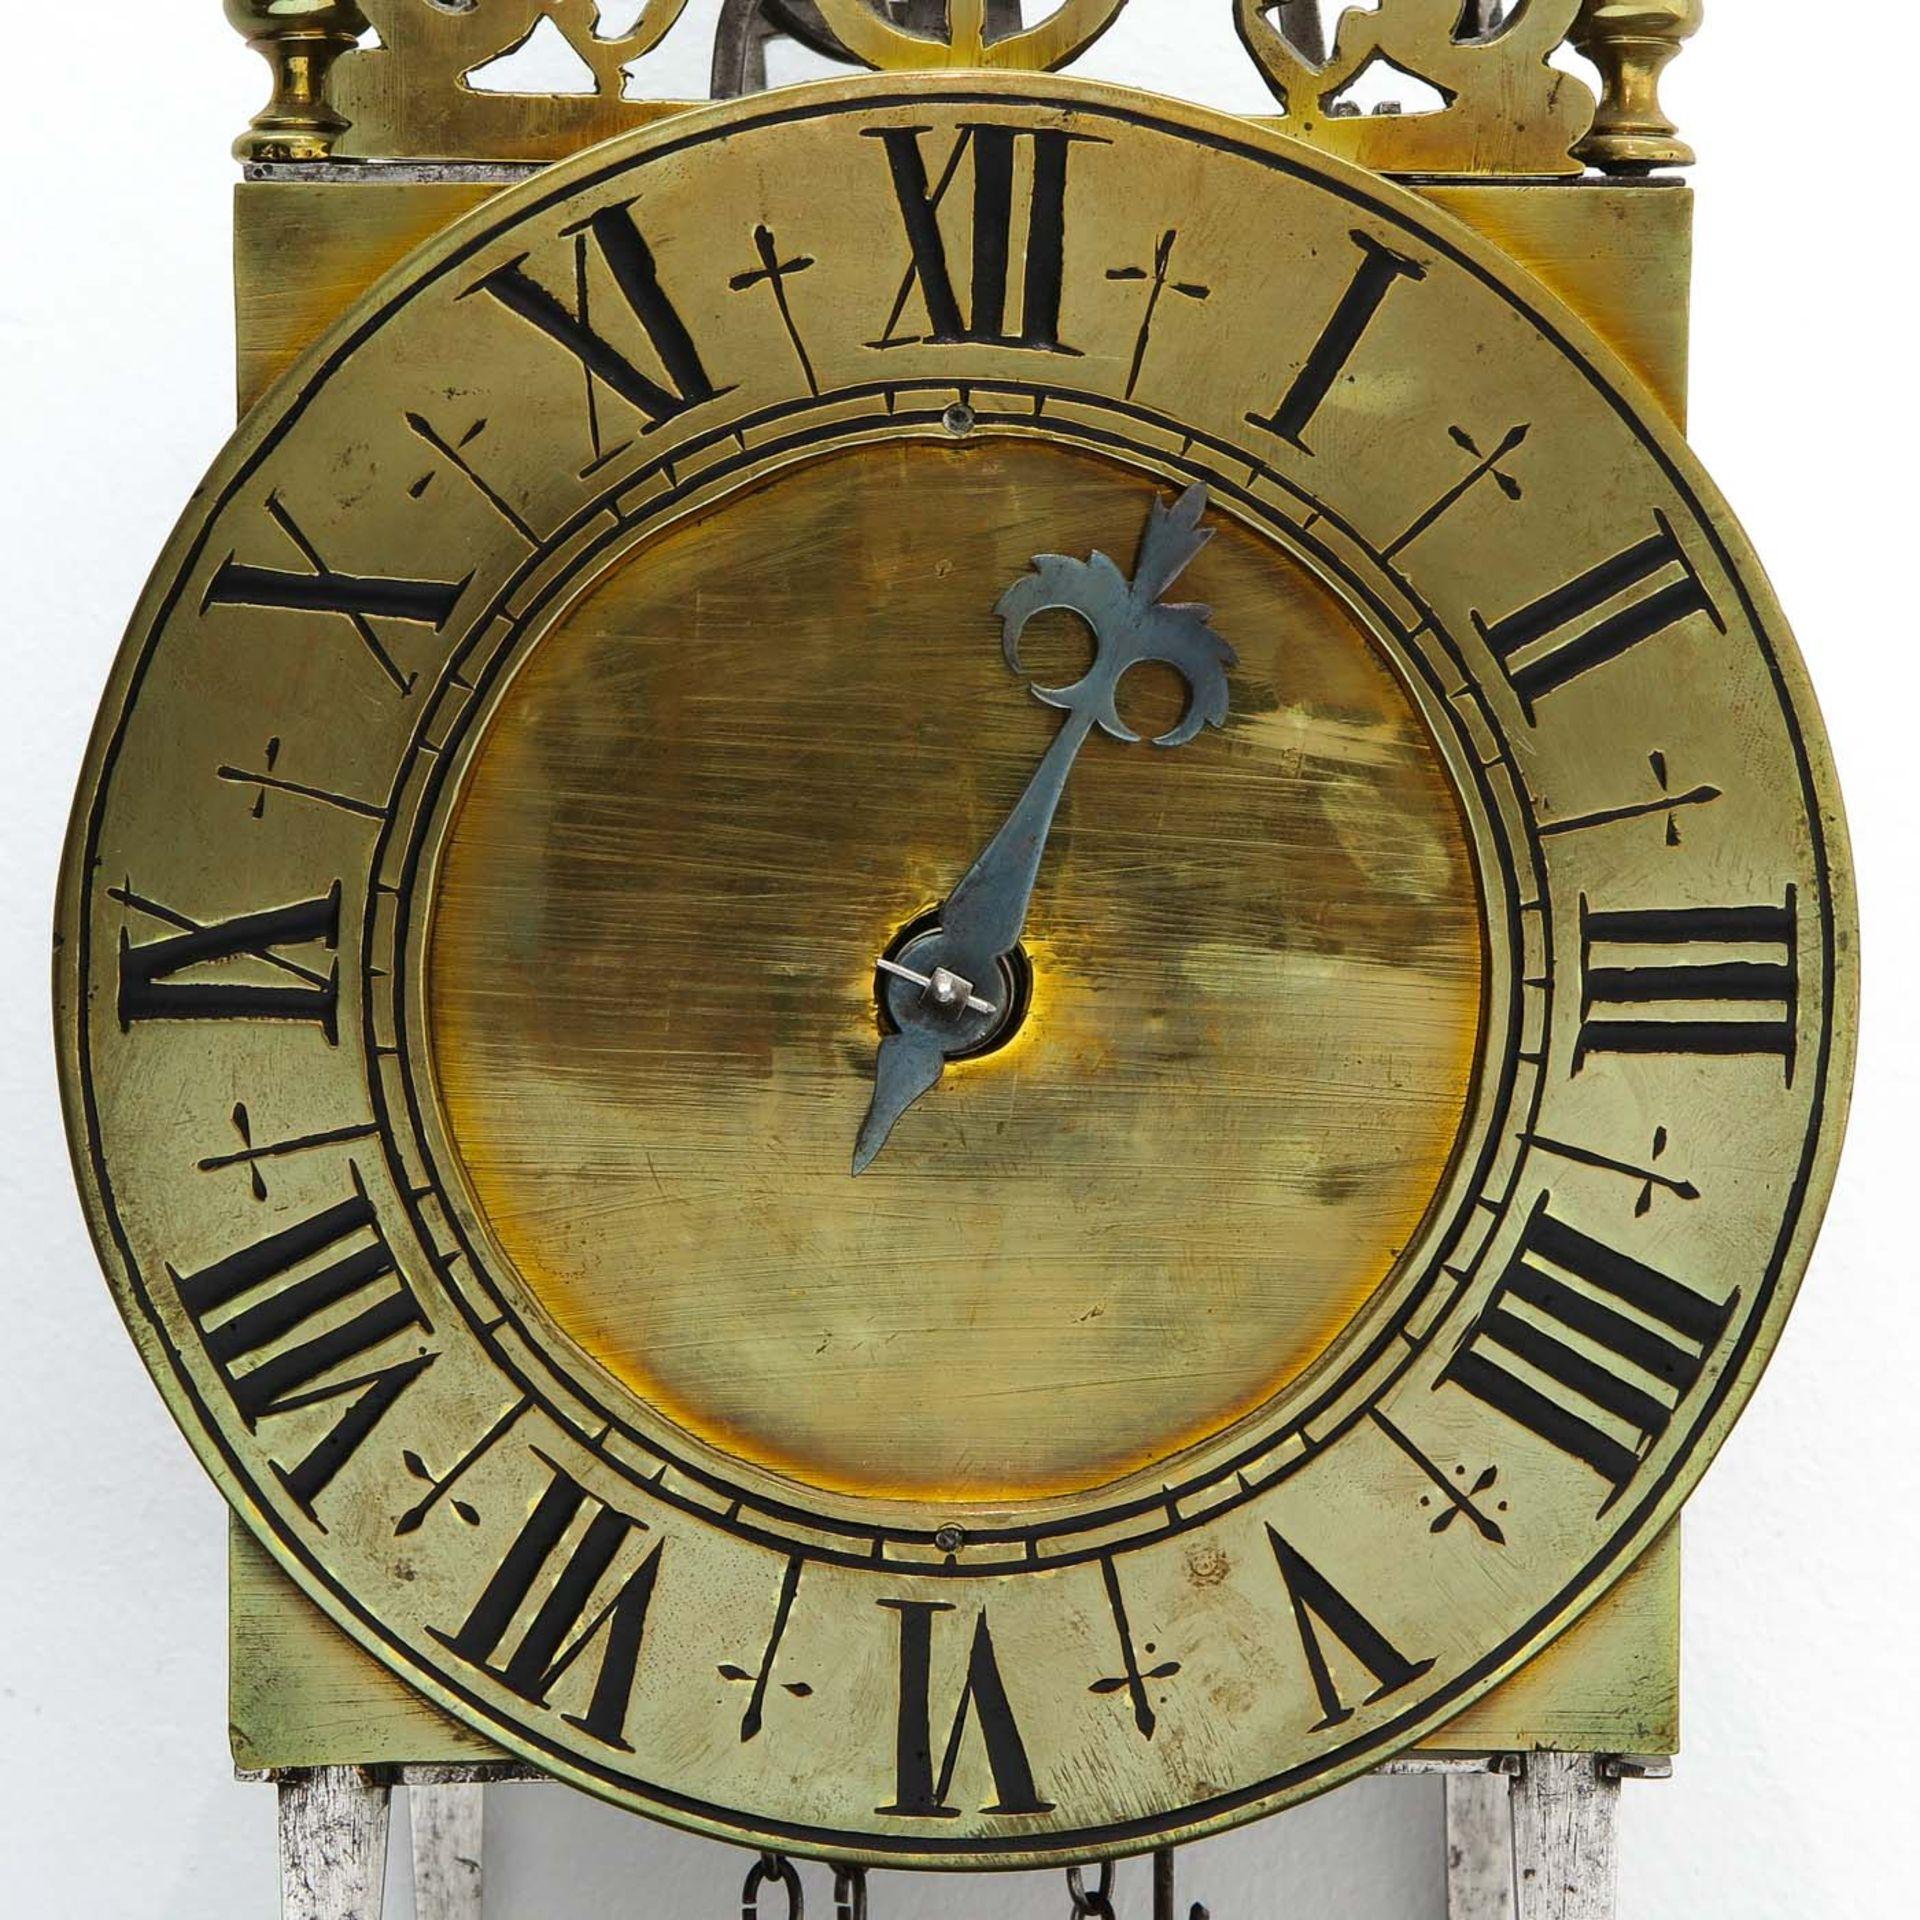 Los 1045 - A 17th - 18th Century French Lantern clock